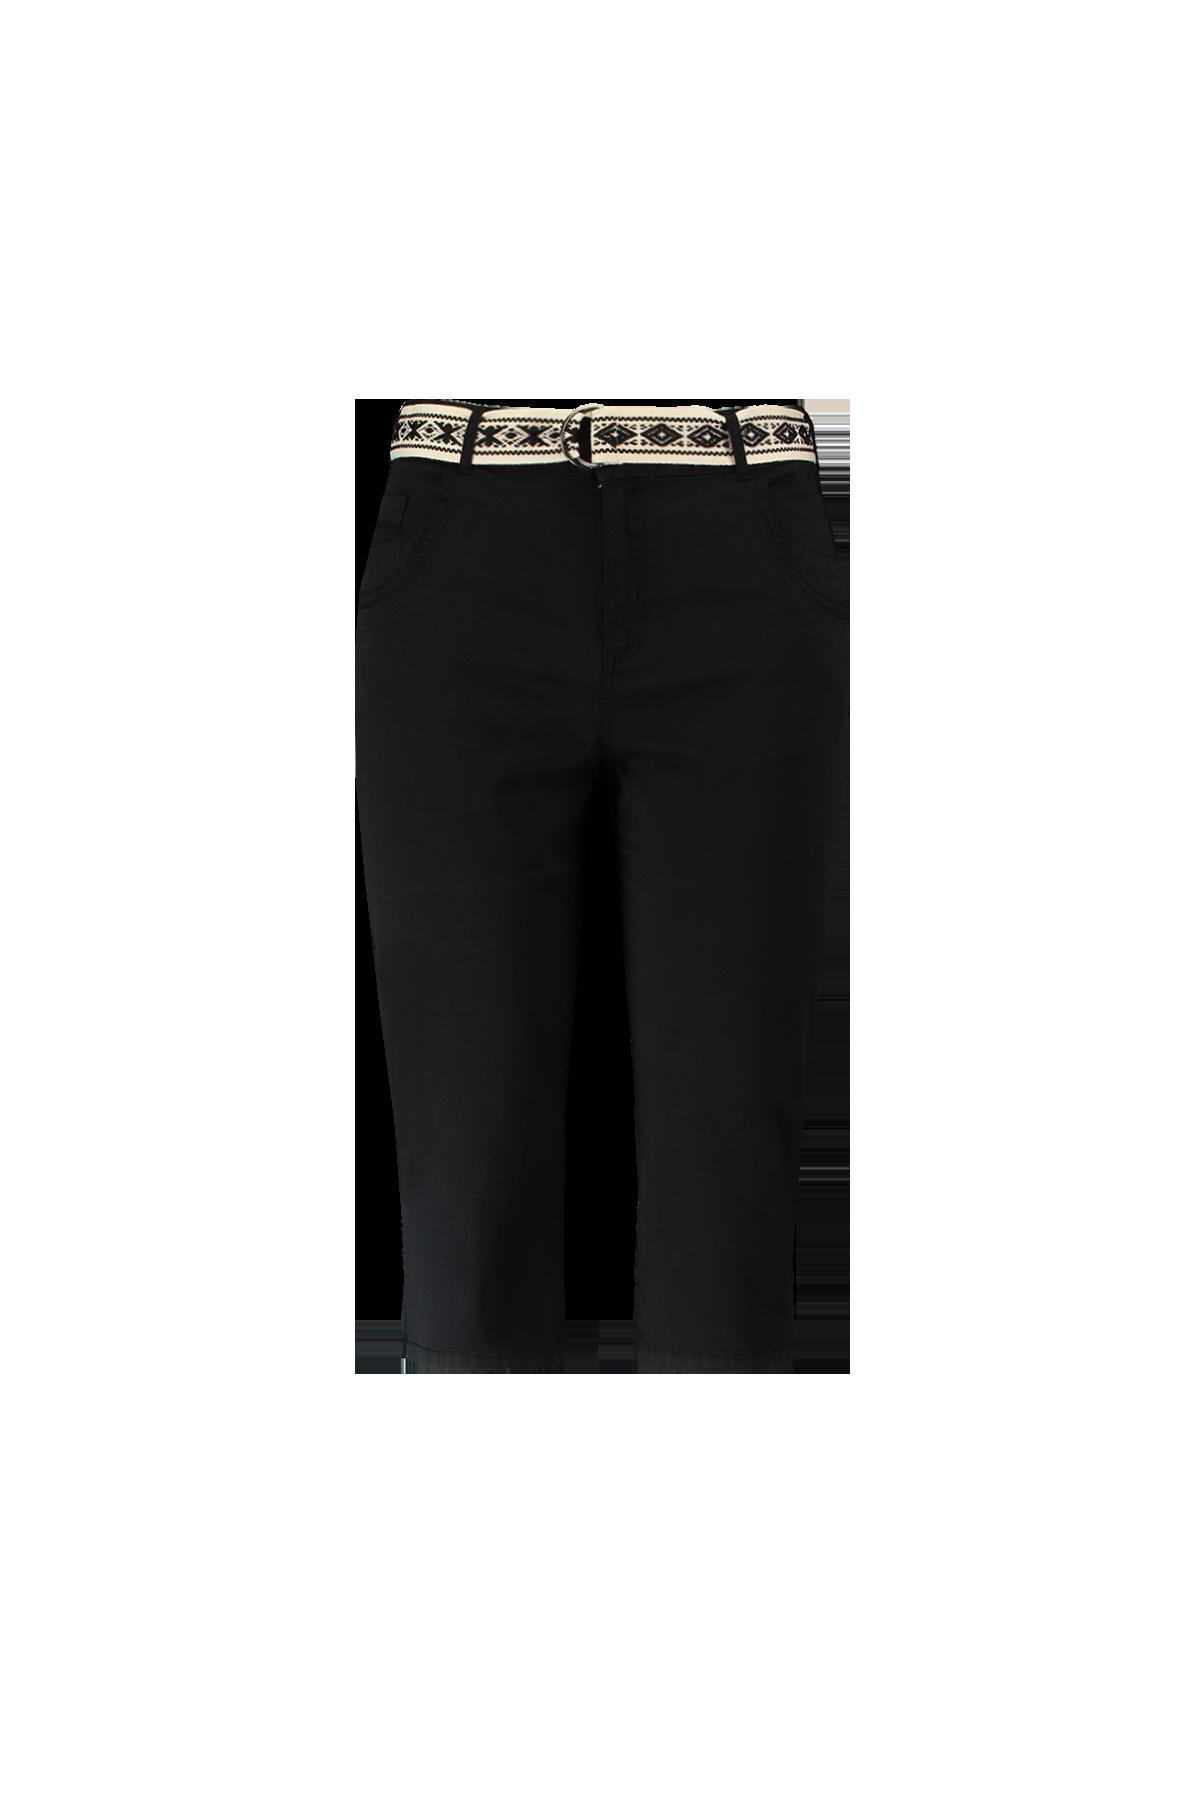 Afbeelding van MS Mode Broeken, Zwart